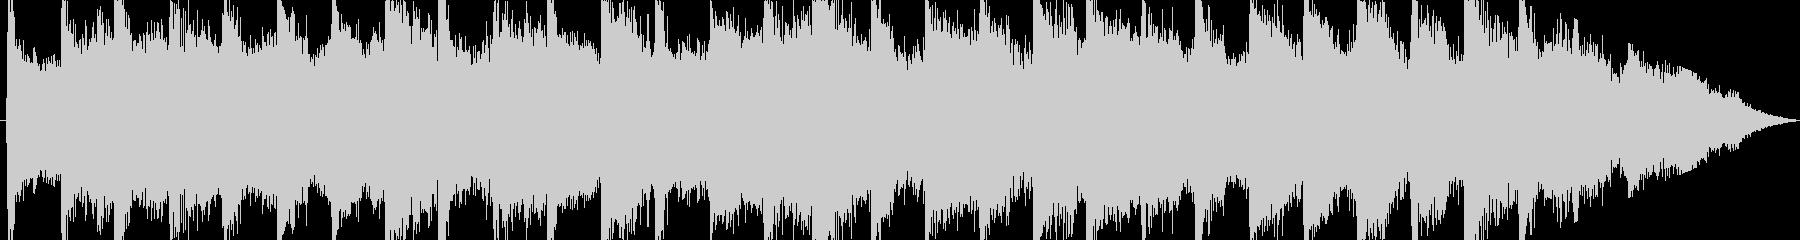 ジングル - クールダウンの未再生の波形